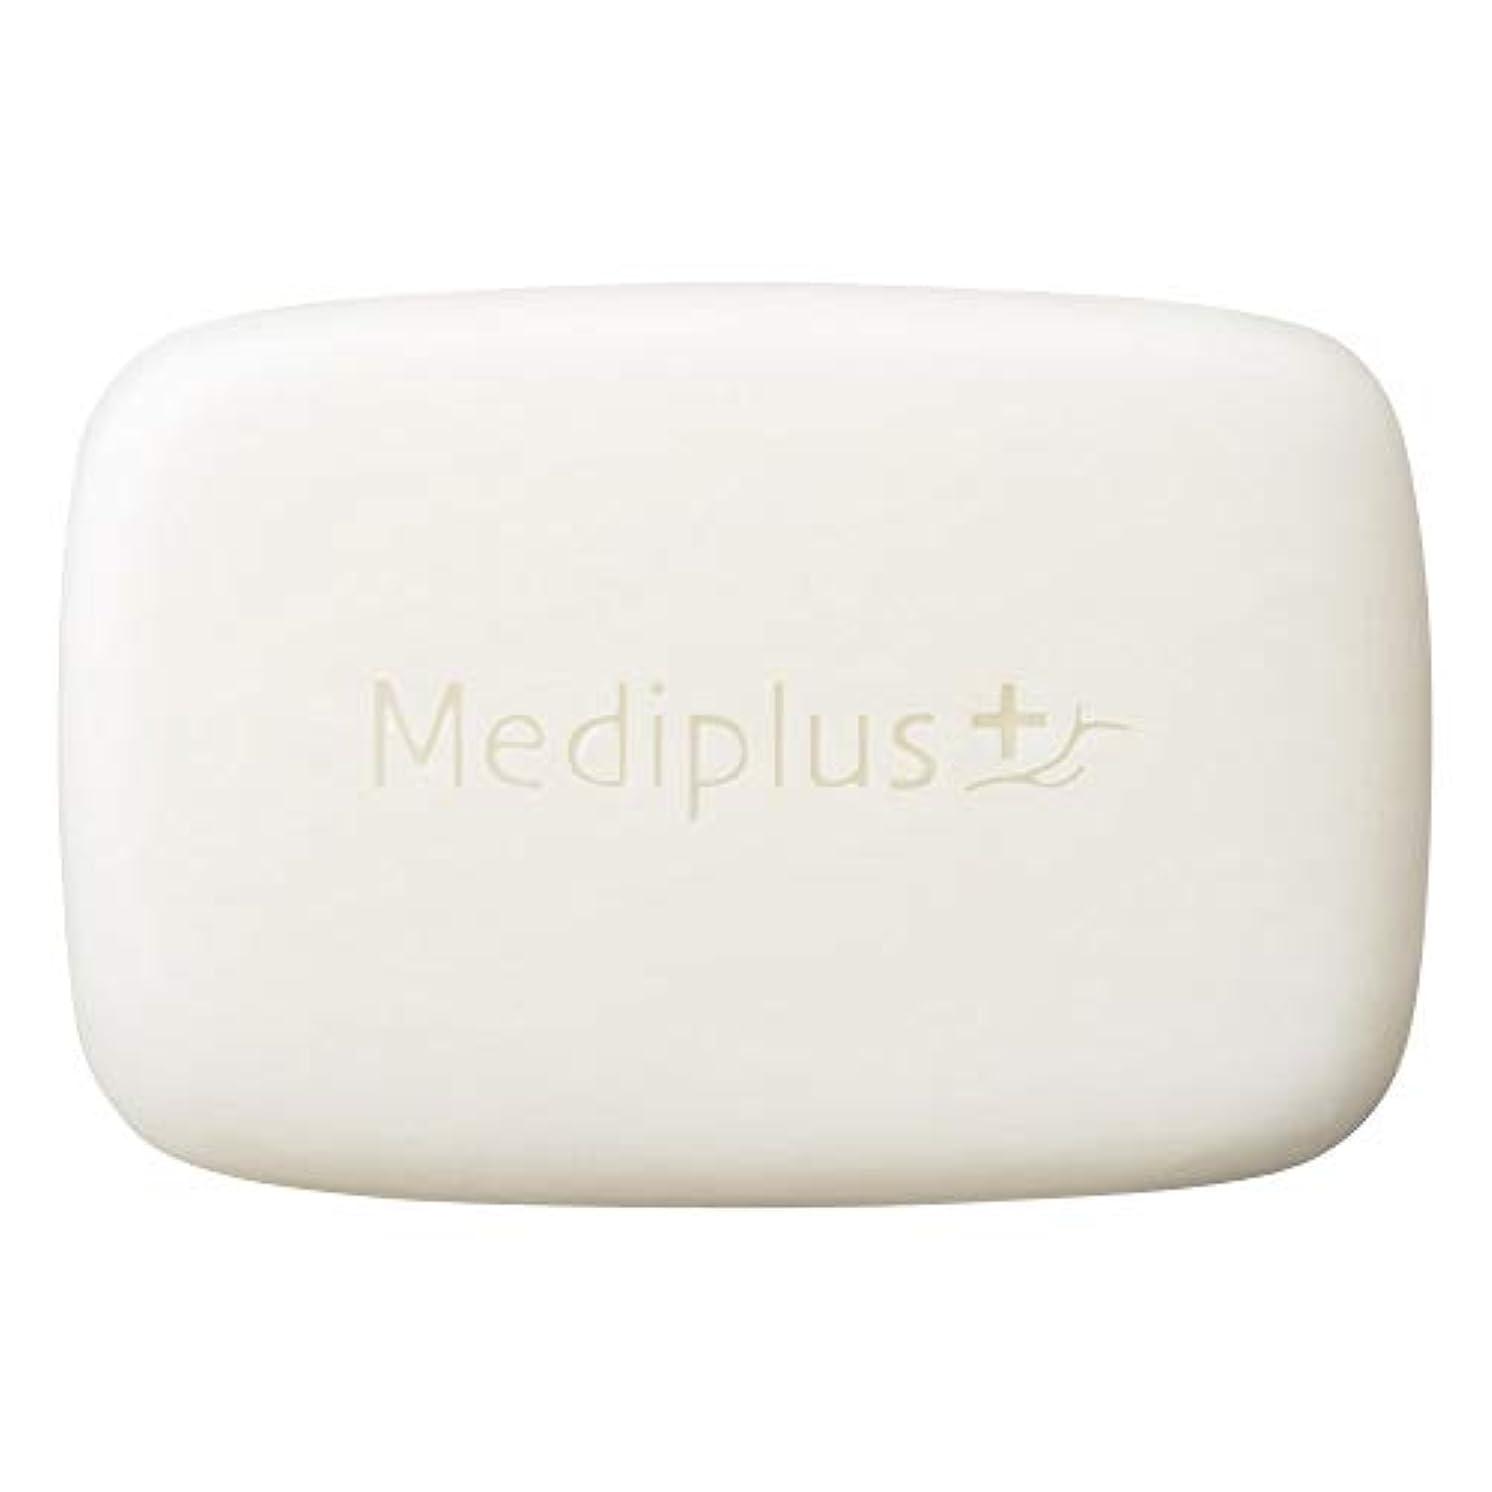 燃料覚醒お酒mediplus メディプラス オイルクリームソープ 60g(約2か月分)